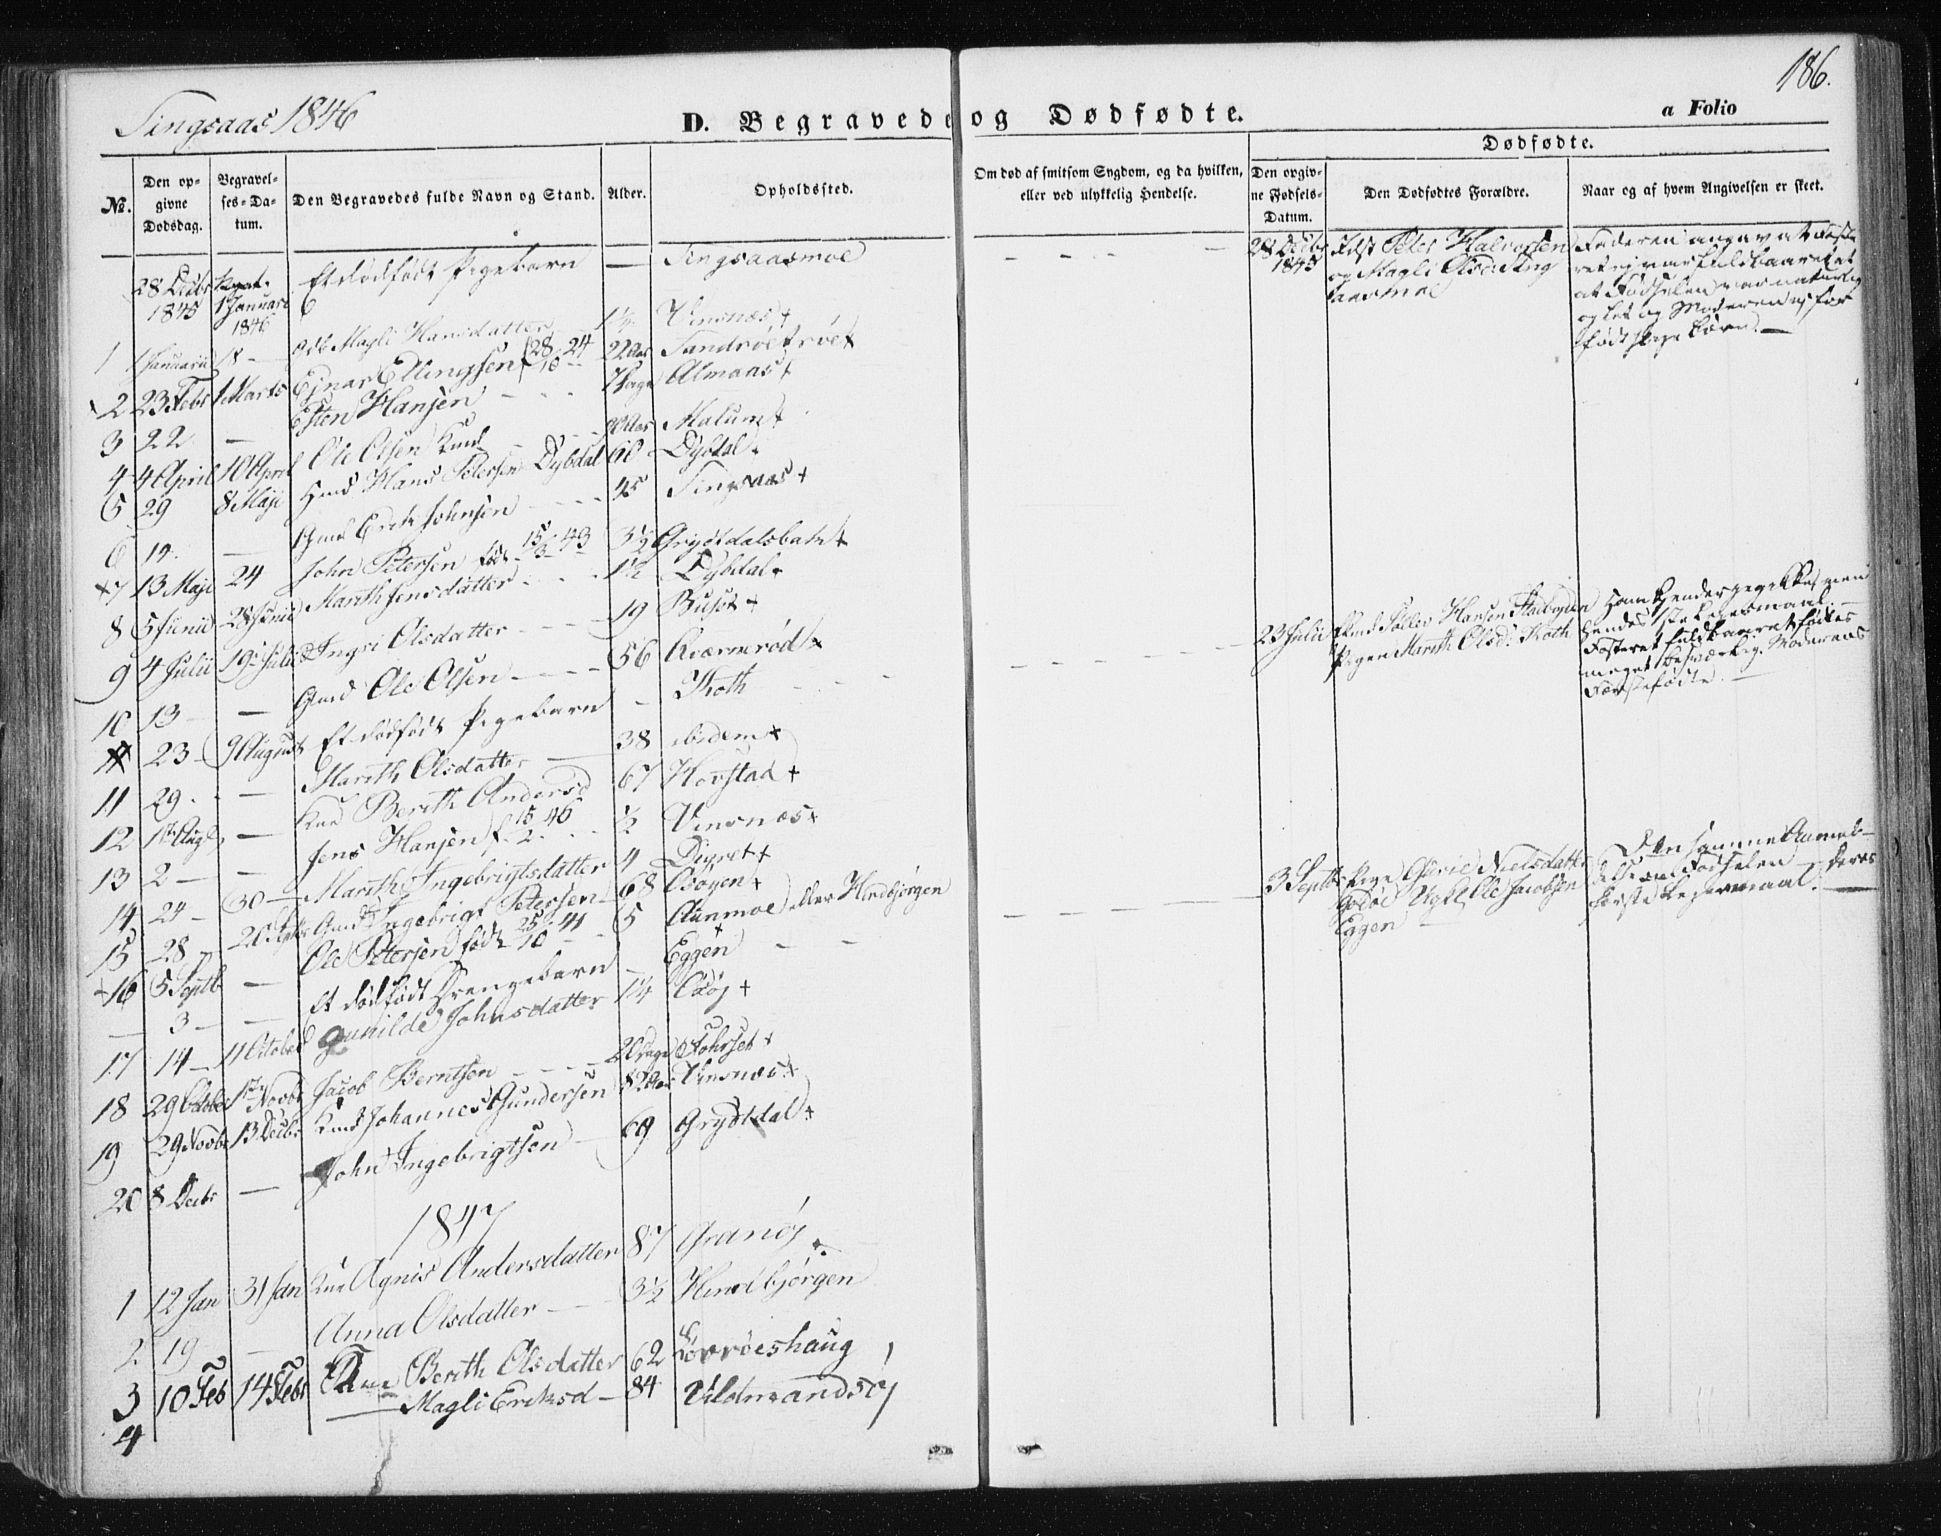 SAT, Ministerialprotokoller, klokkerbøker og fødselsregistre - Sør-Trøndelag, 685/L0964: Ministerialbok nr. 685A06 /2, 1846-1859, s. 186